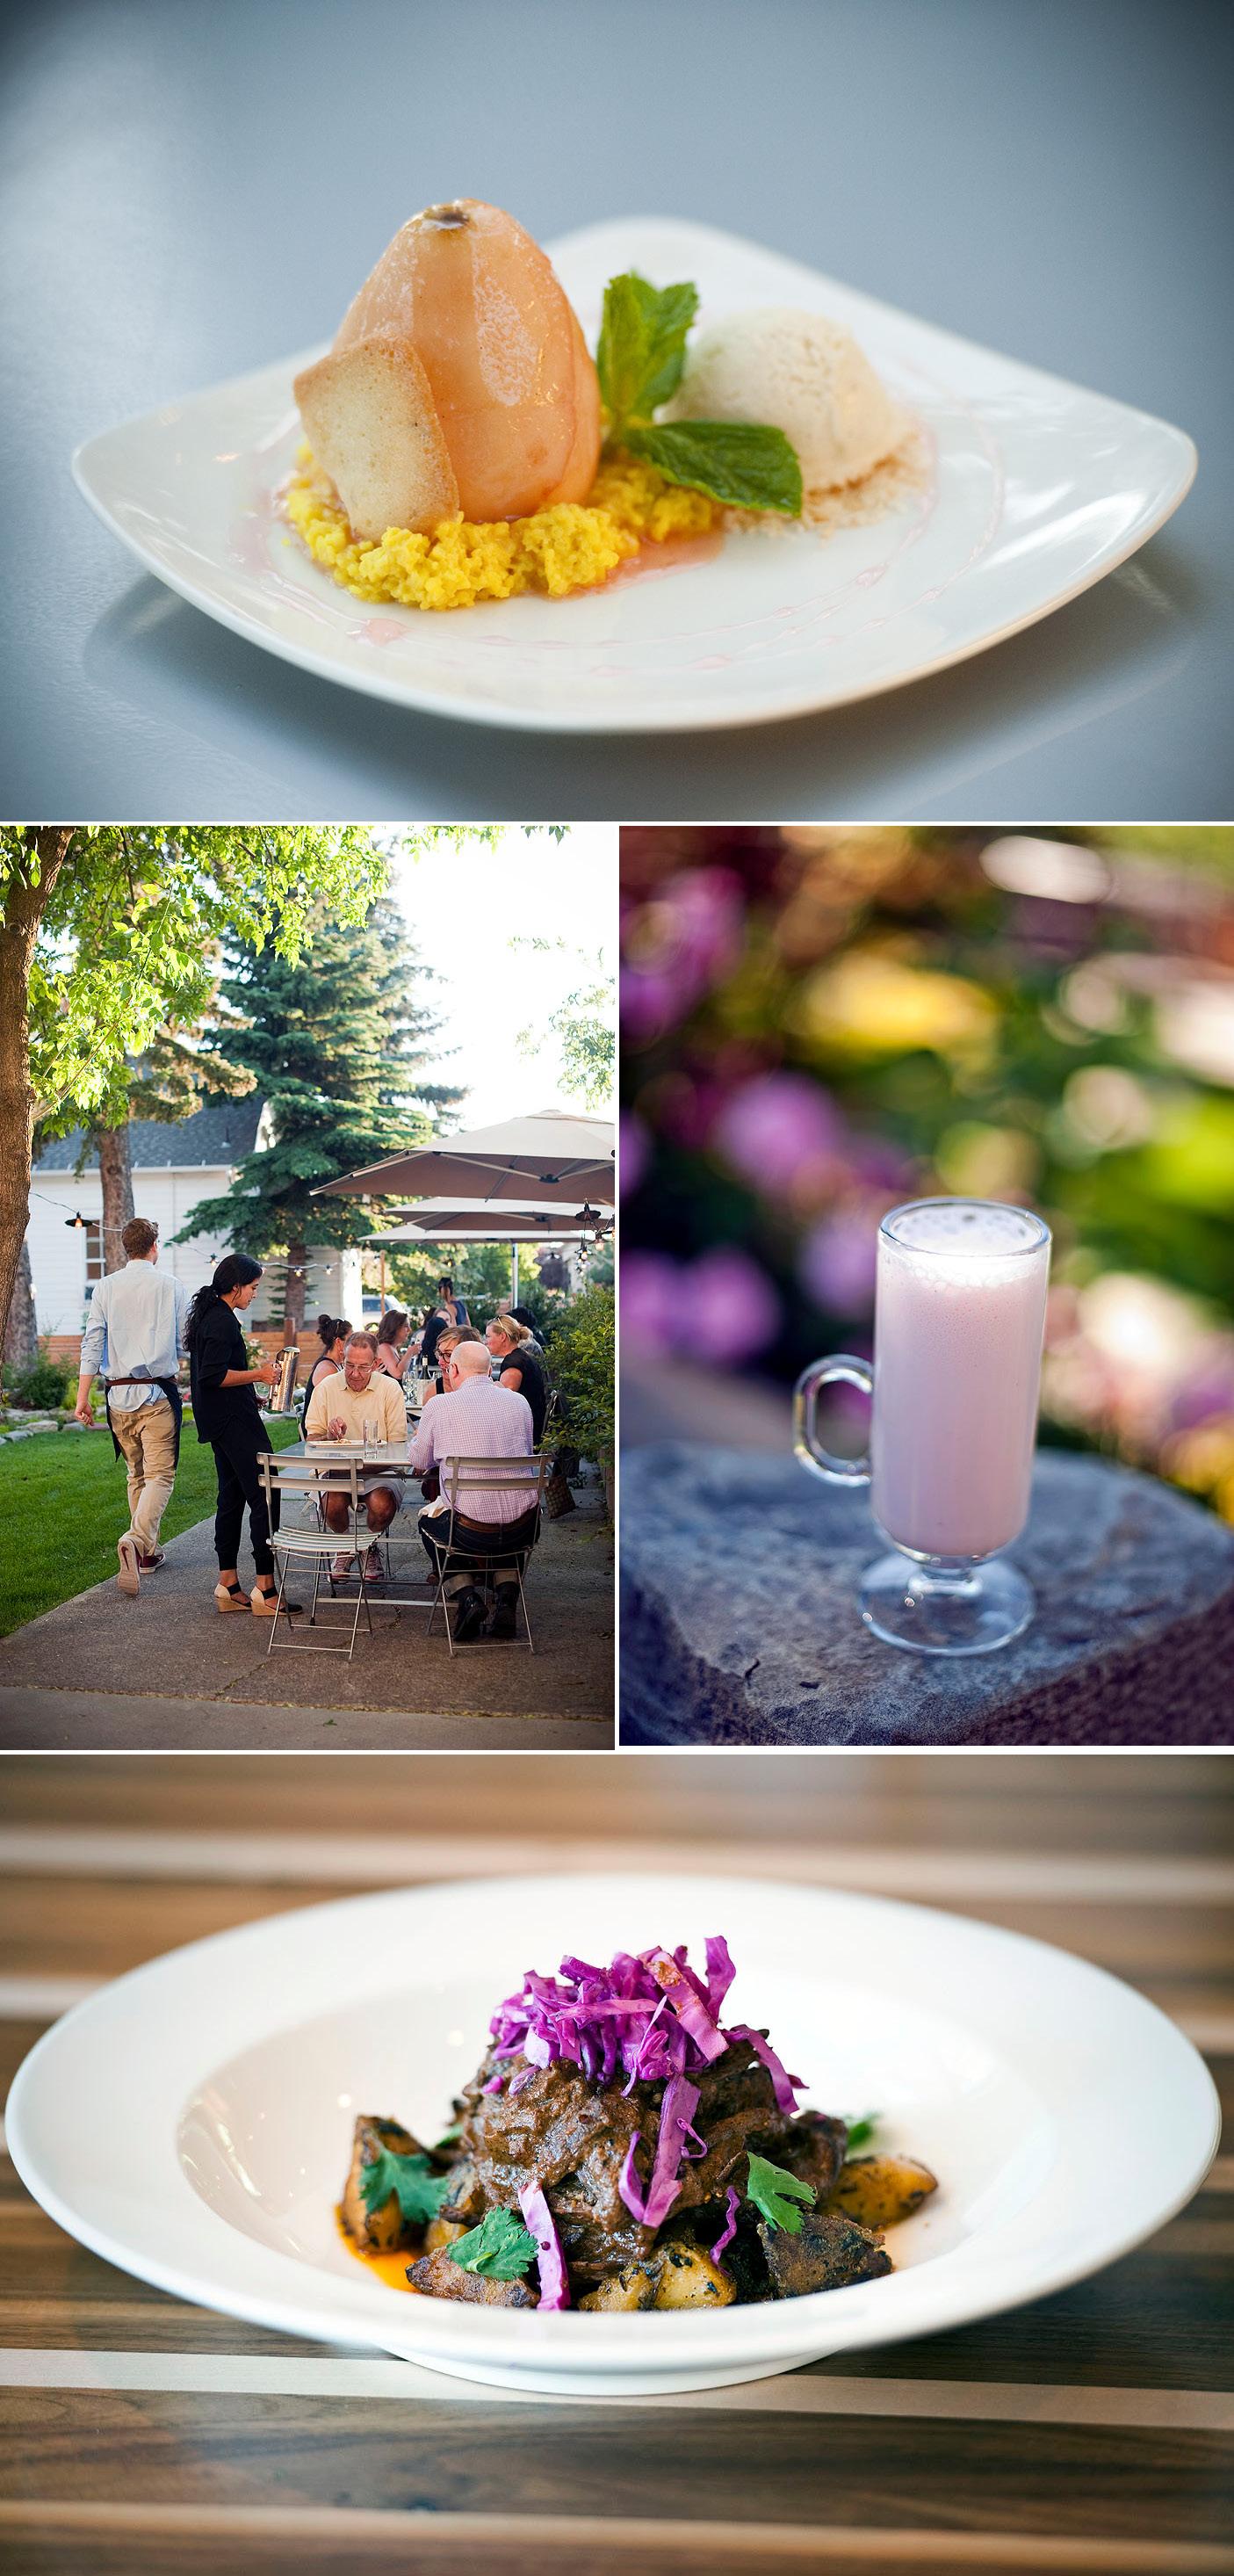 Saffron Table - Bozeman, Montana